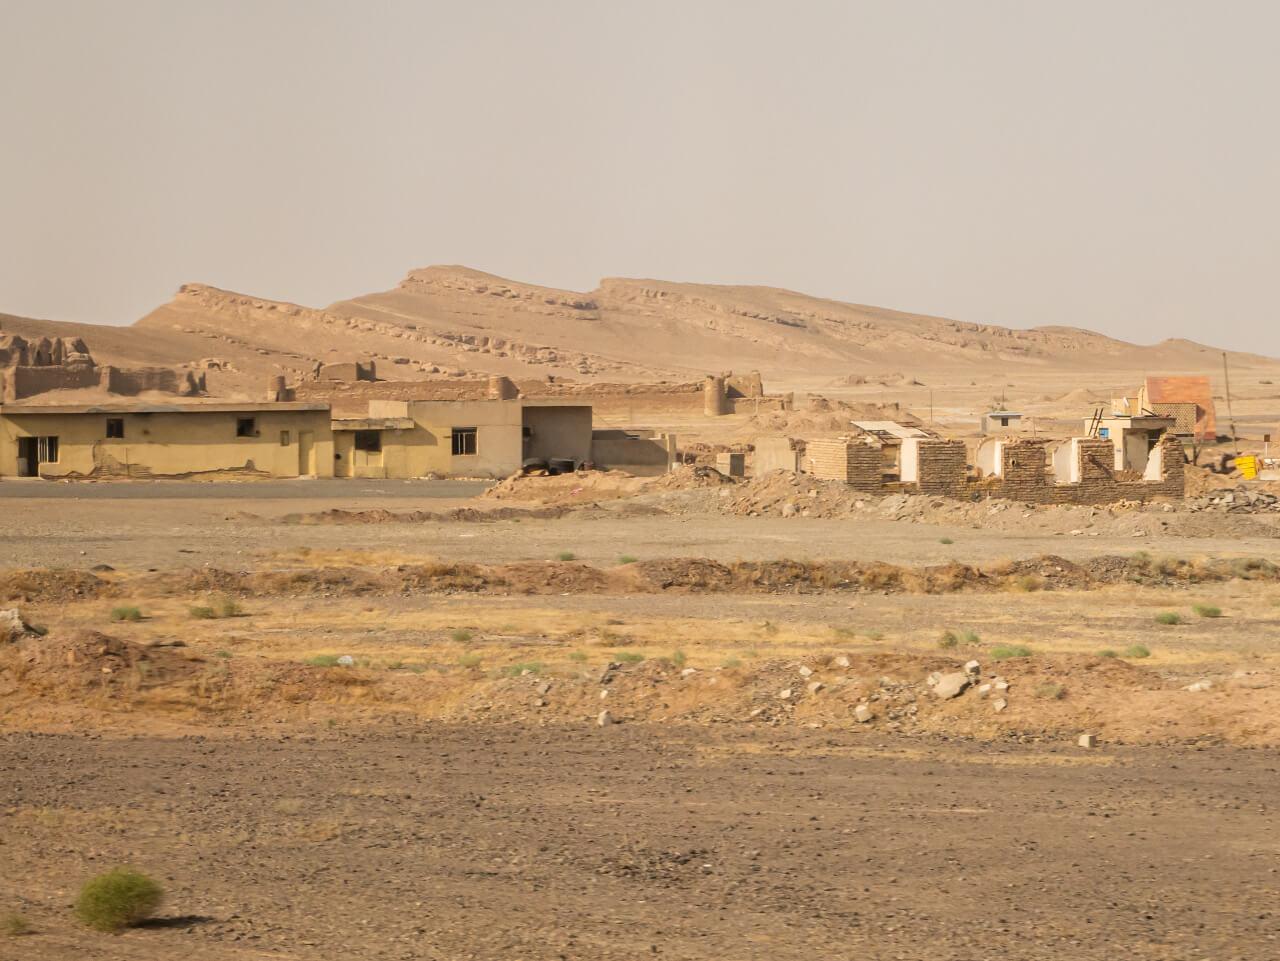 Wioska na pustyni między Teheranem a Shiraz